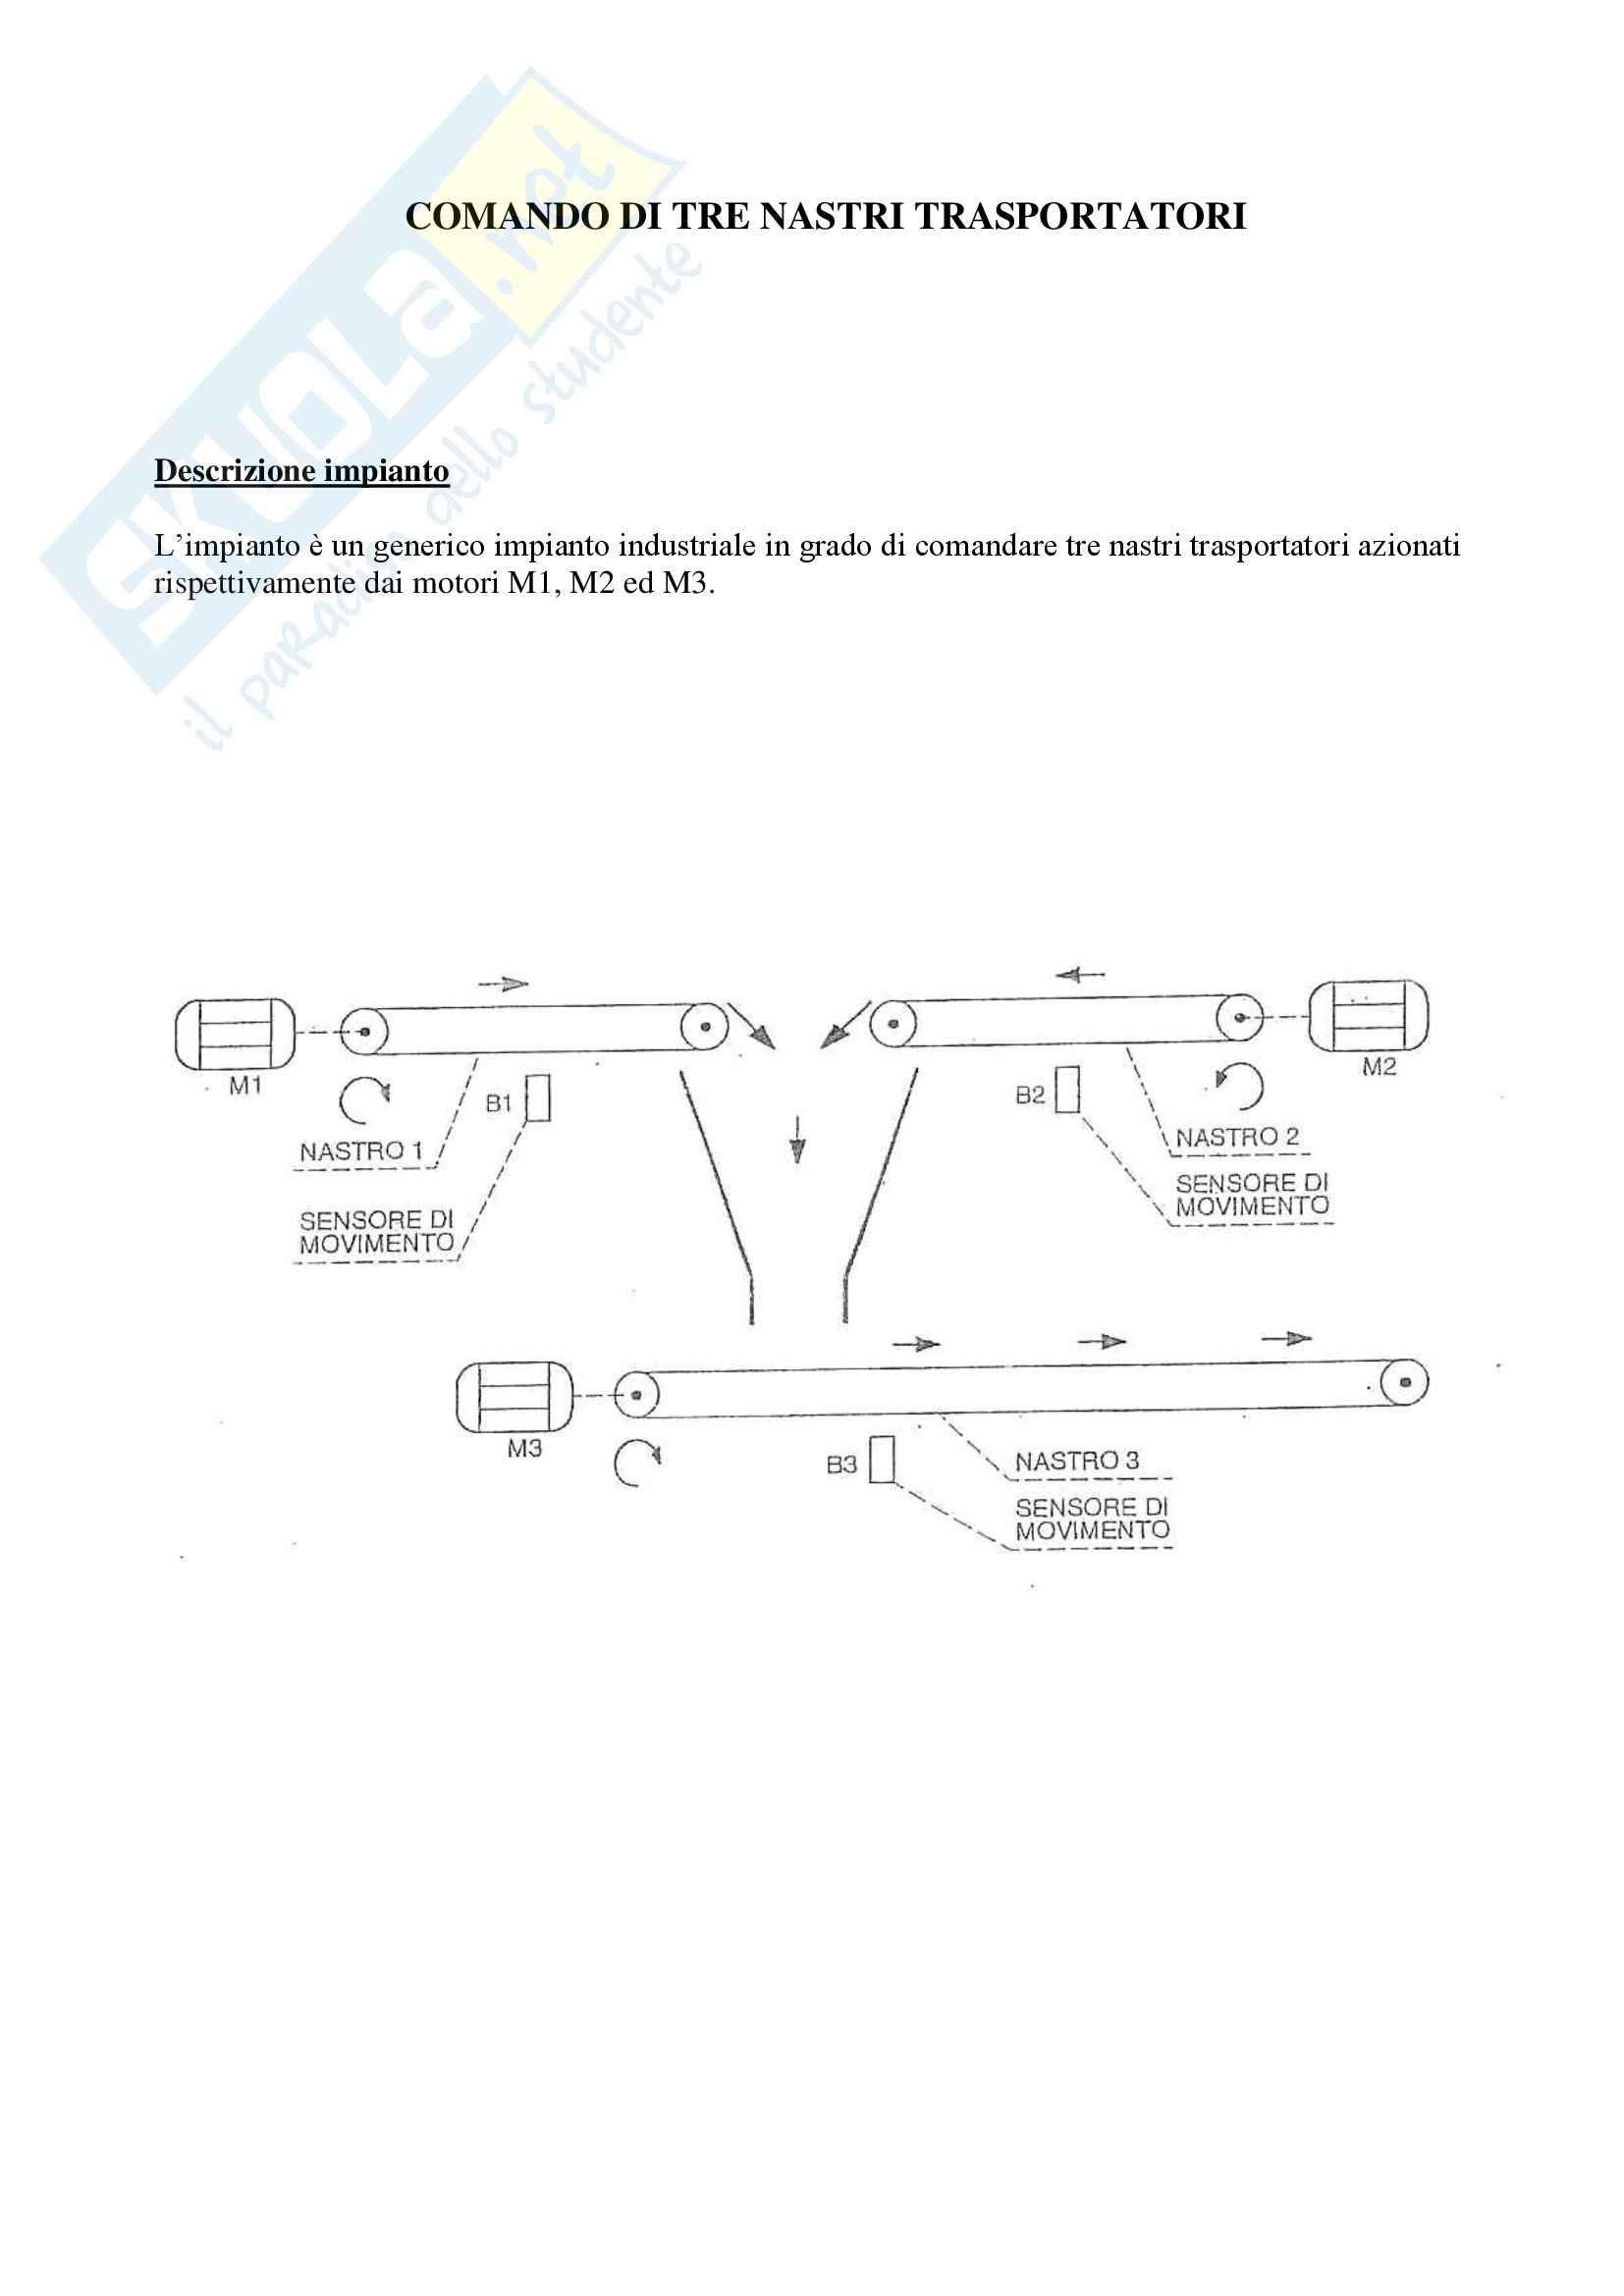 Tecnologie Sistemi Automazione e Controllo - comando di tre nastri trasportatori